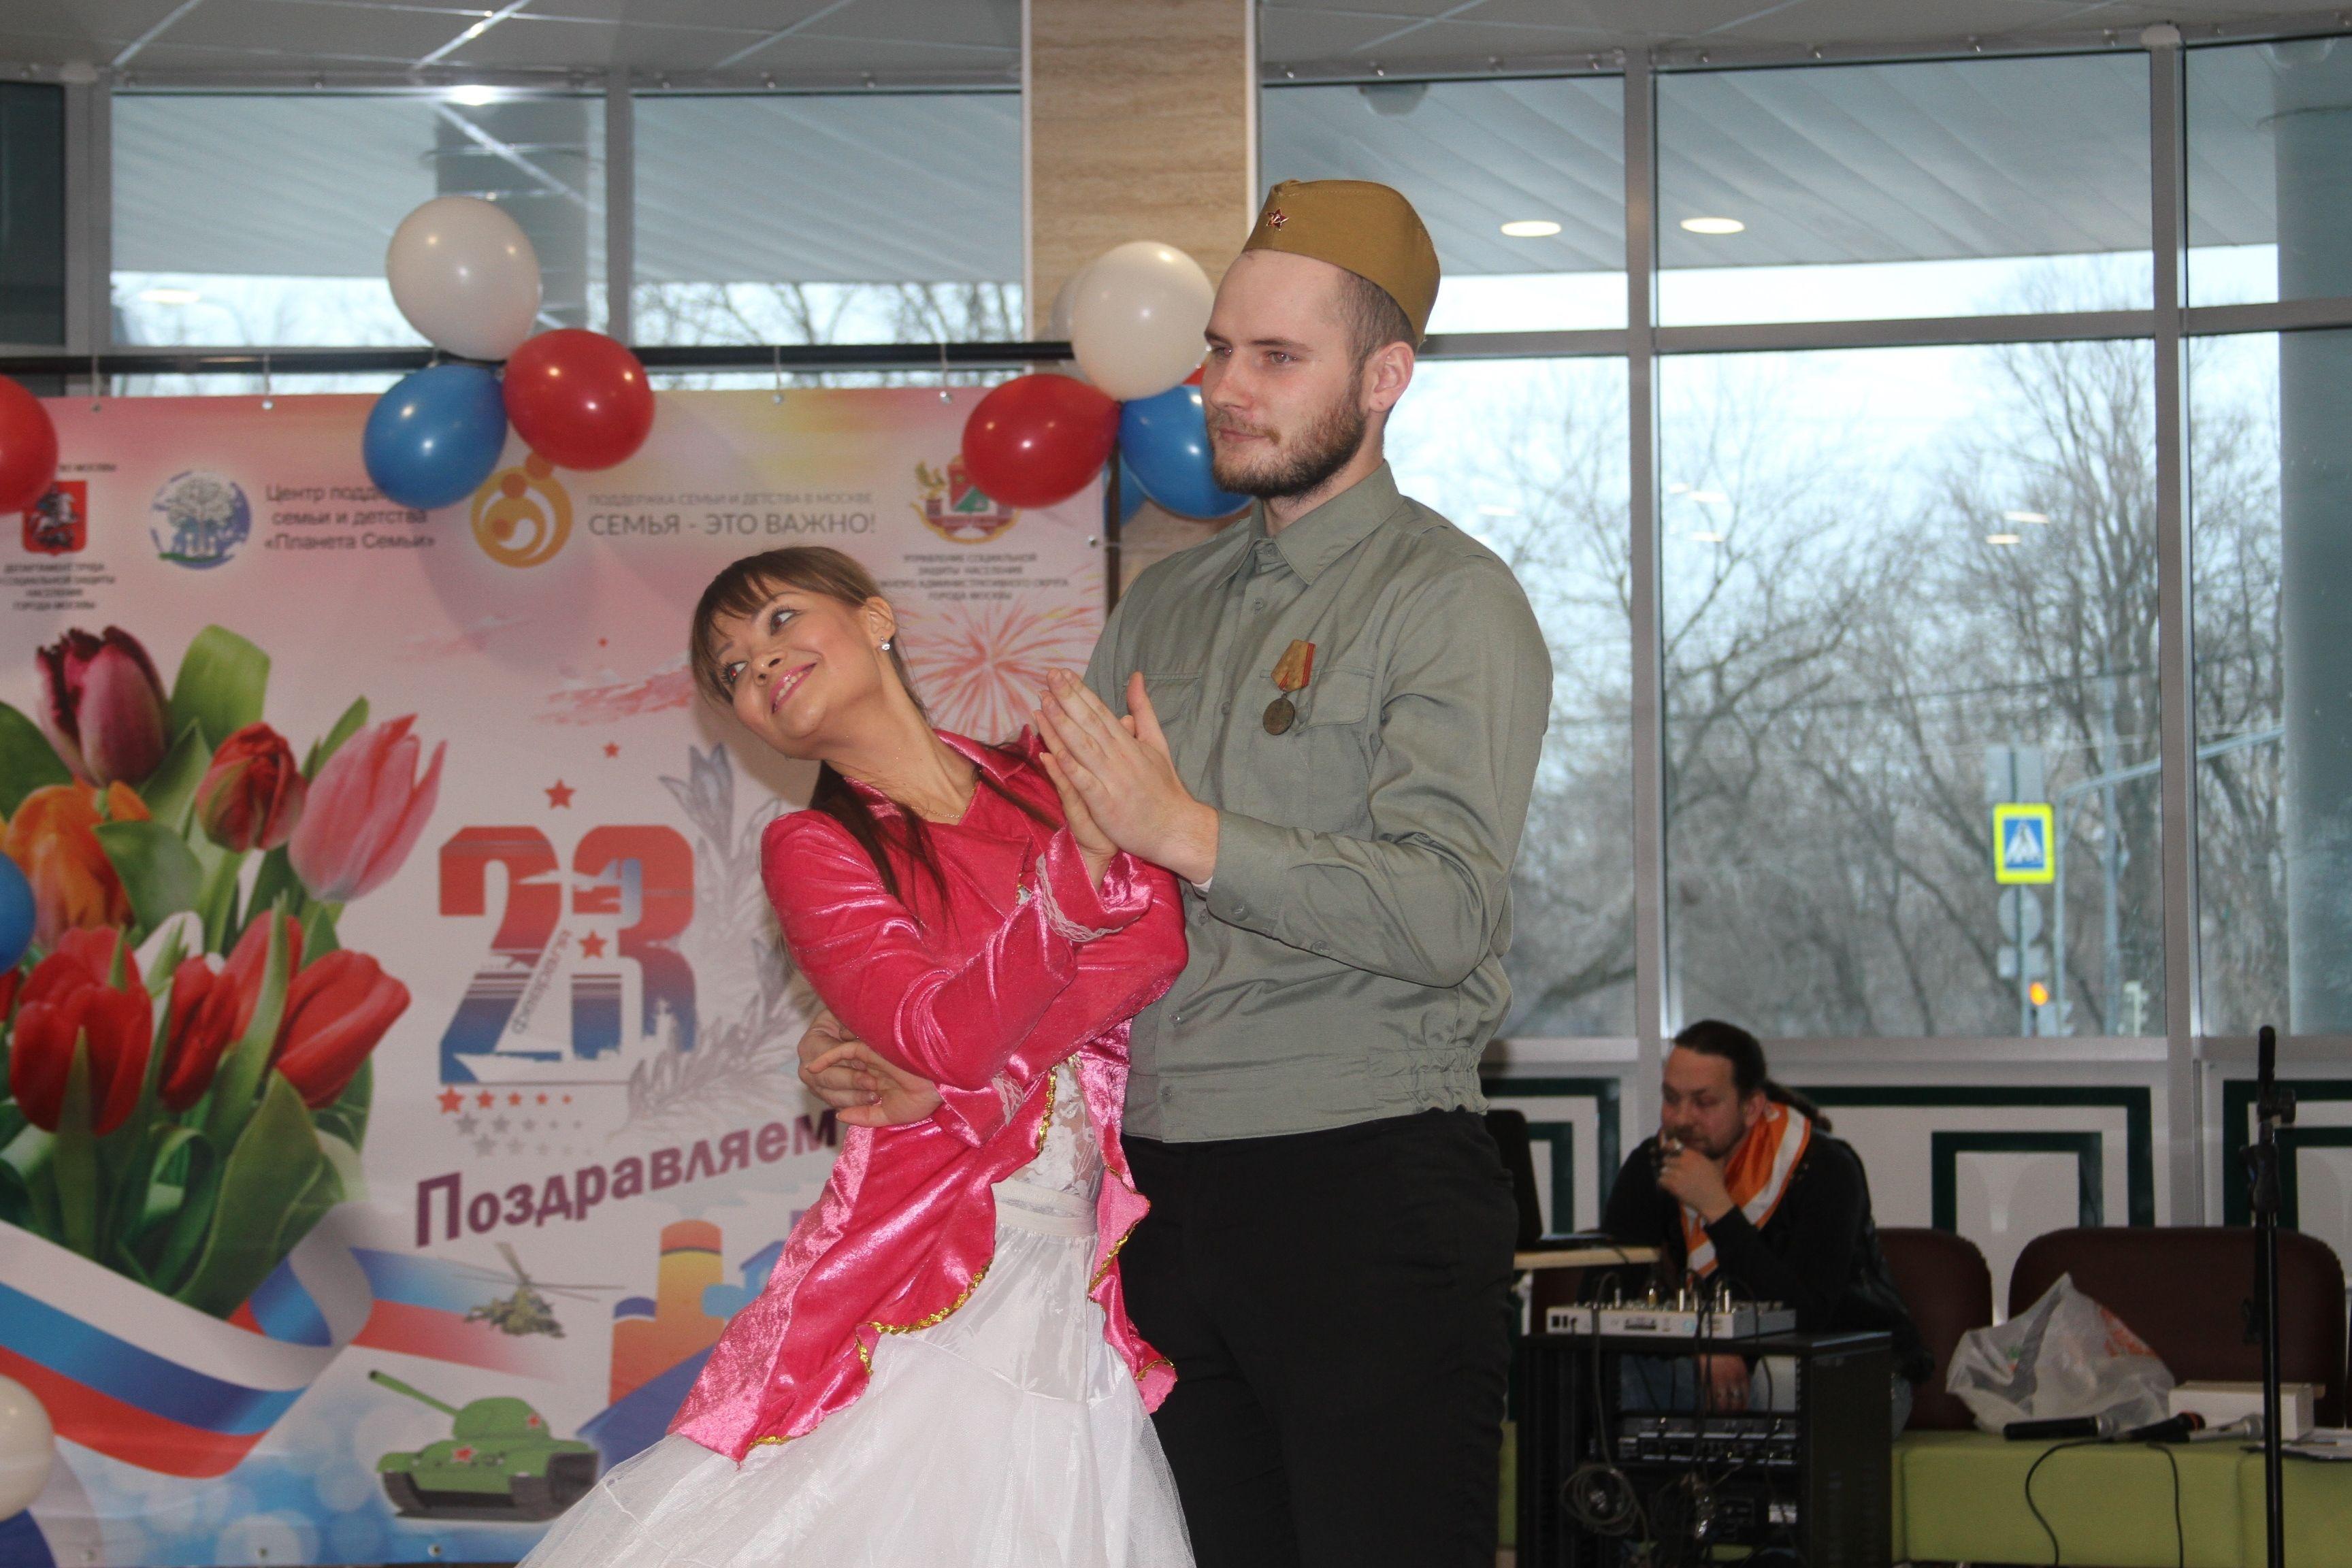 Специалист из Южного округа поборется за победу в конкурсе «Московские мастера»